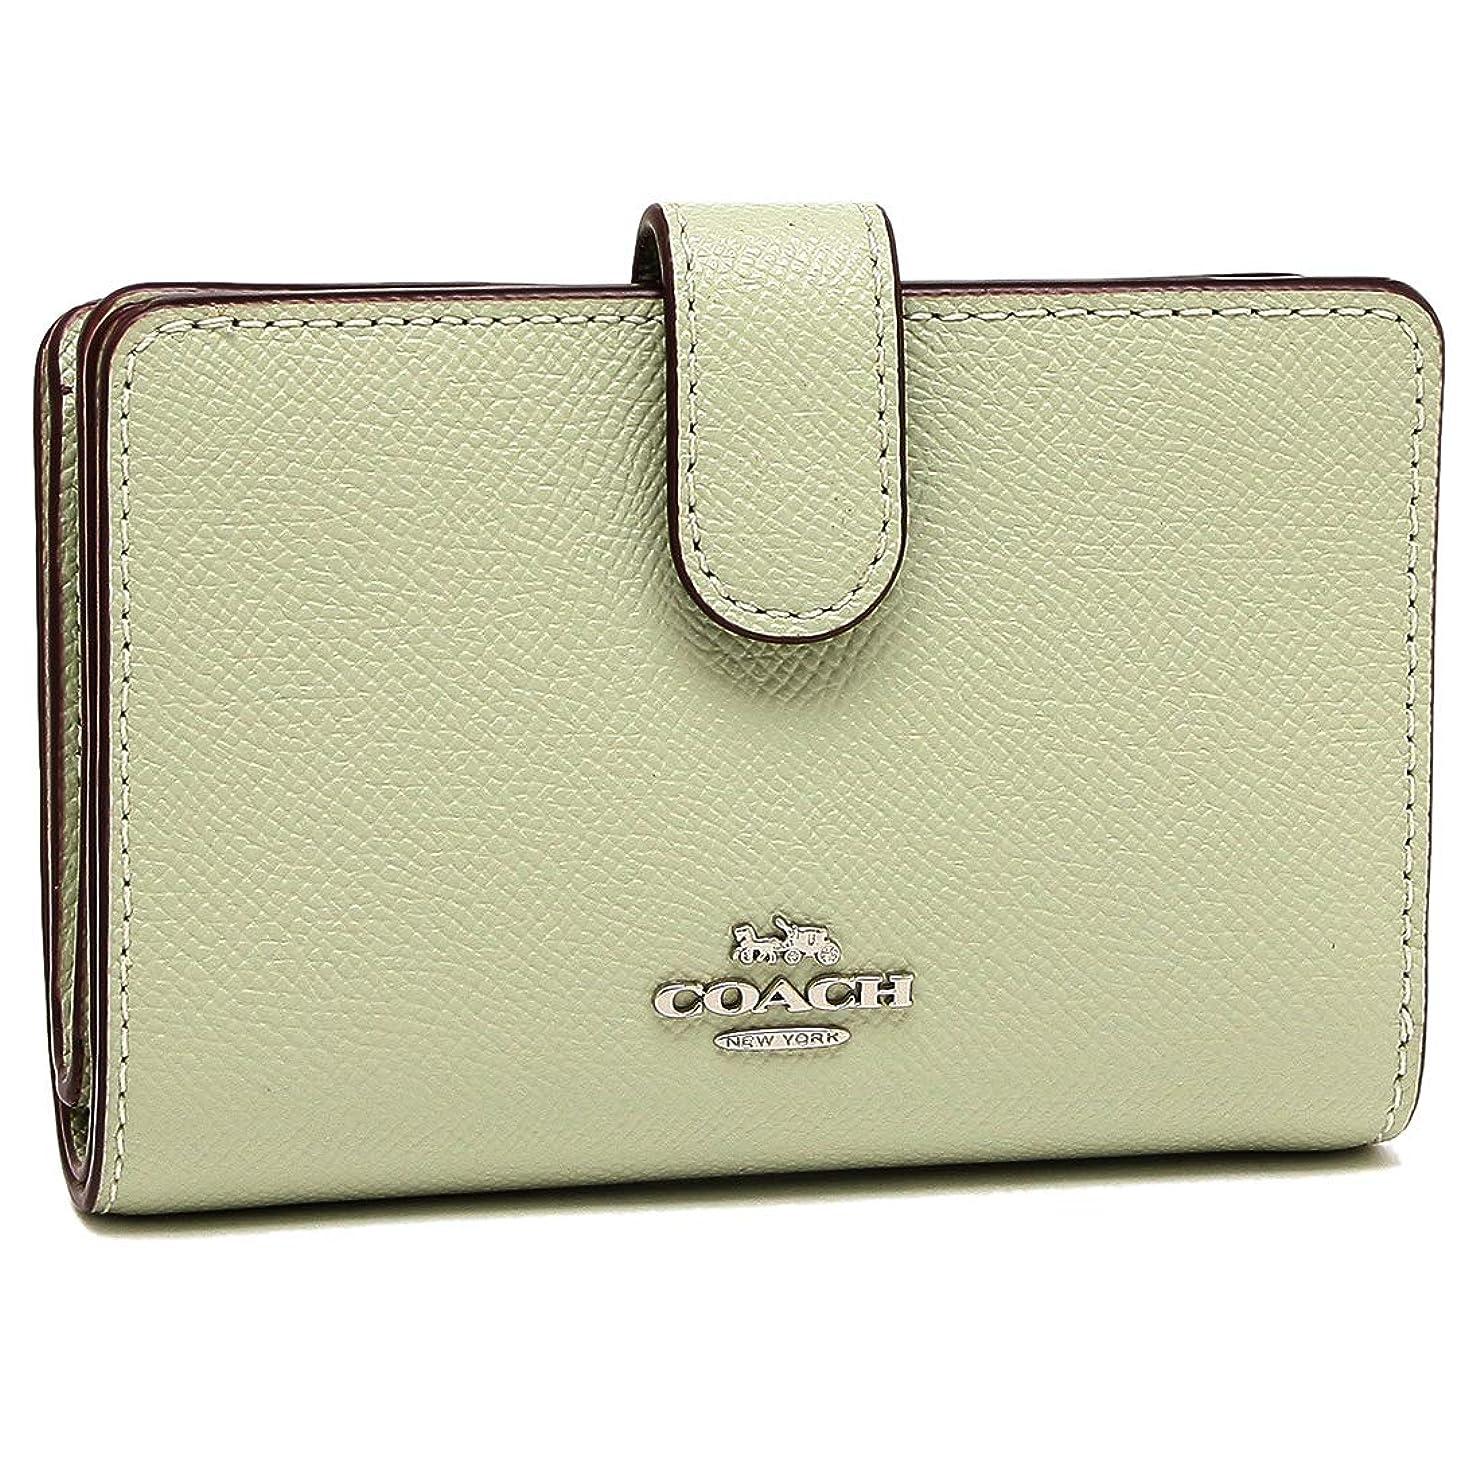 浸透する蒸発材料[コーチ] COACH 財布 (二つ折り財布) F54010 レザー 二つ折り財布 レディース [アウトレット品] [並行輸入品]